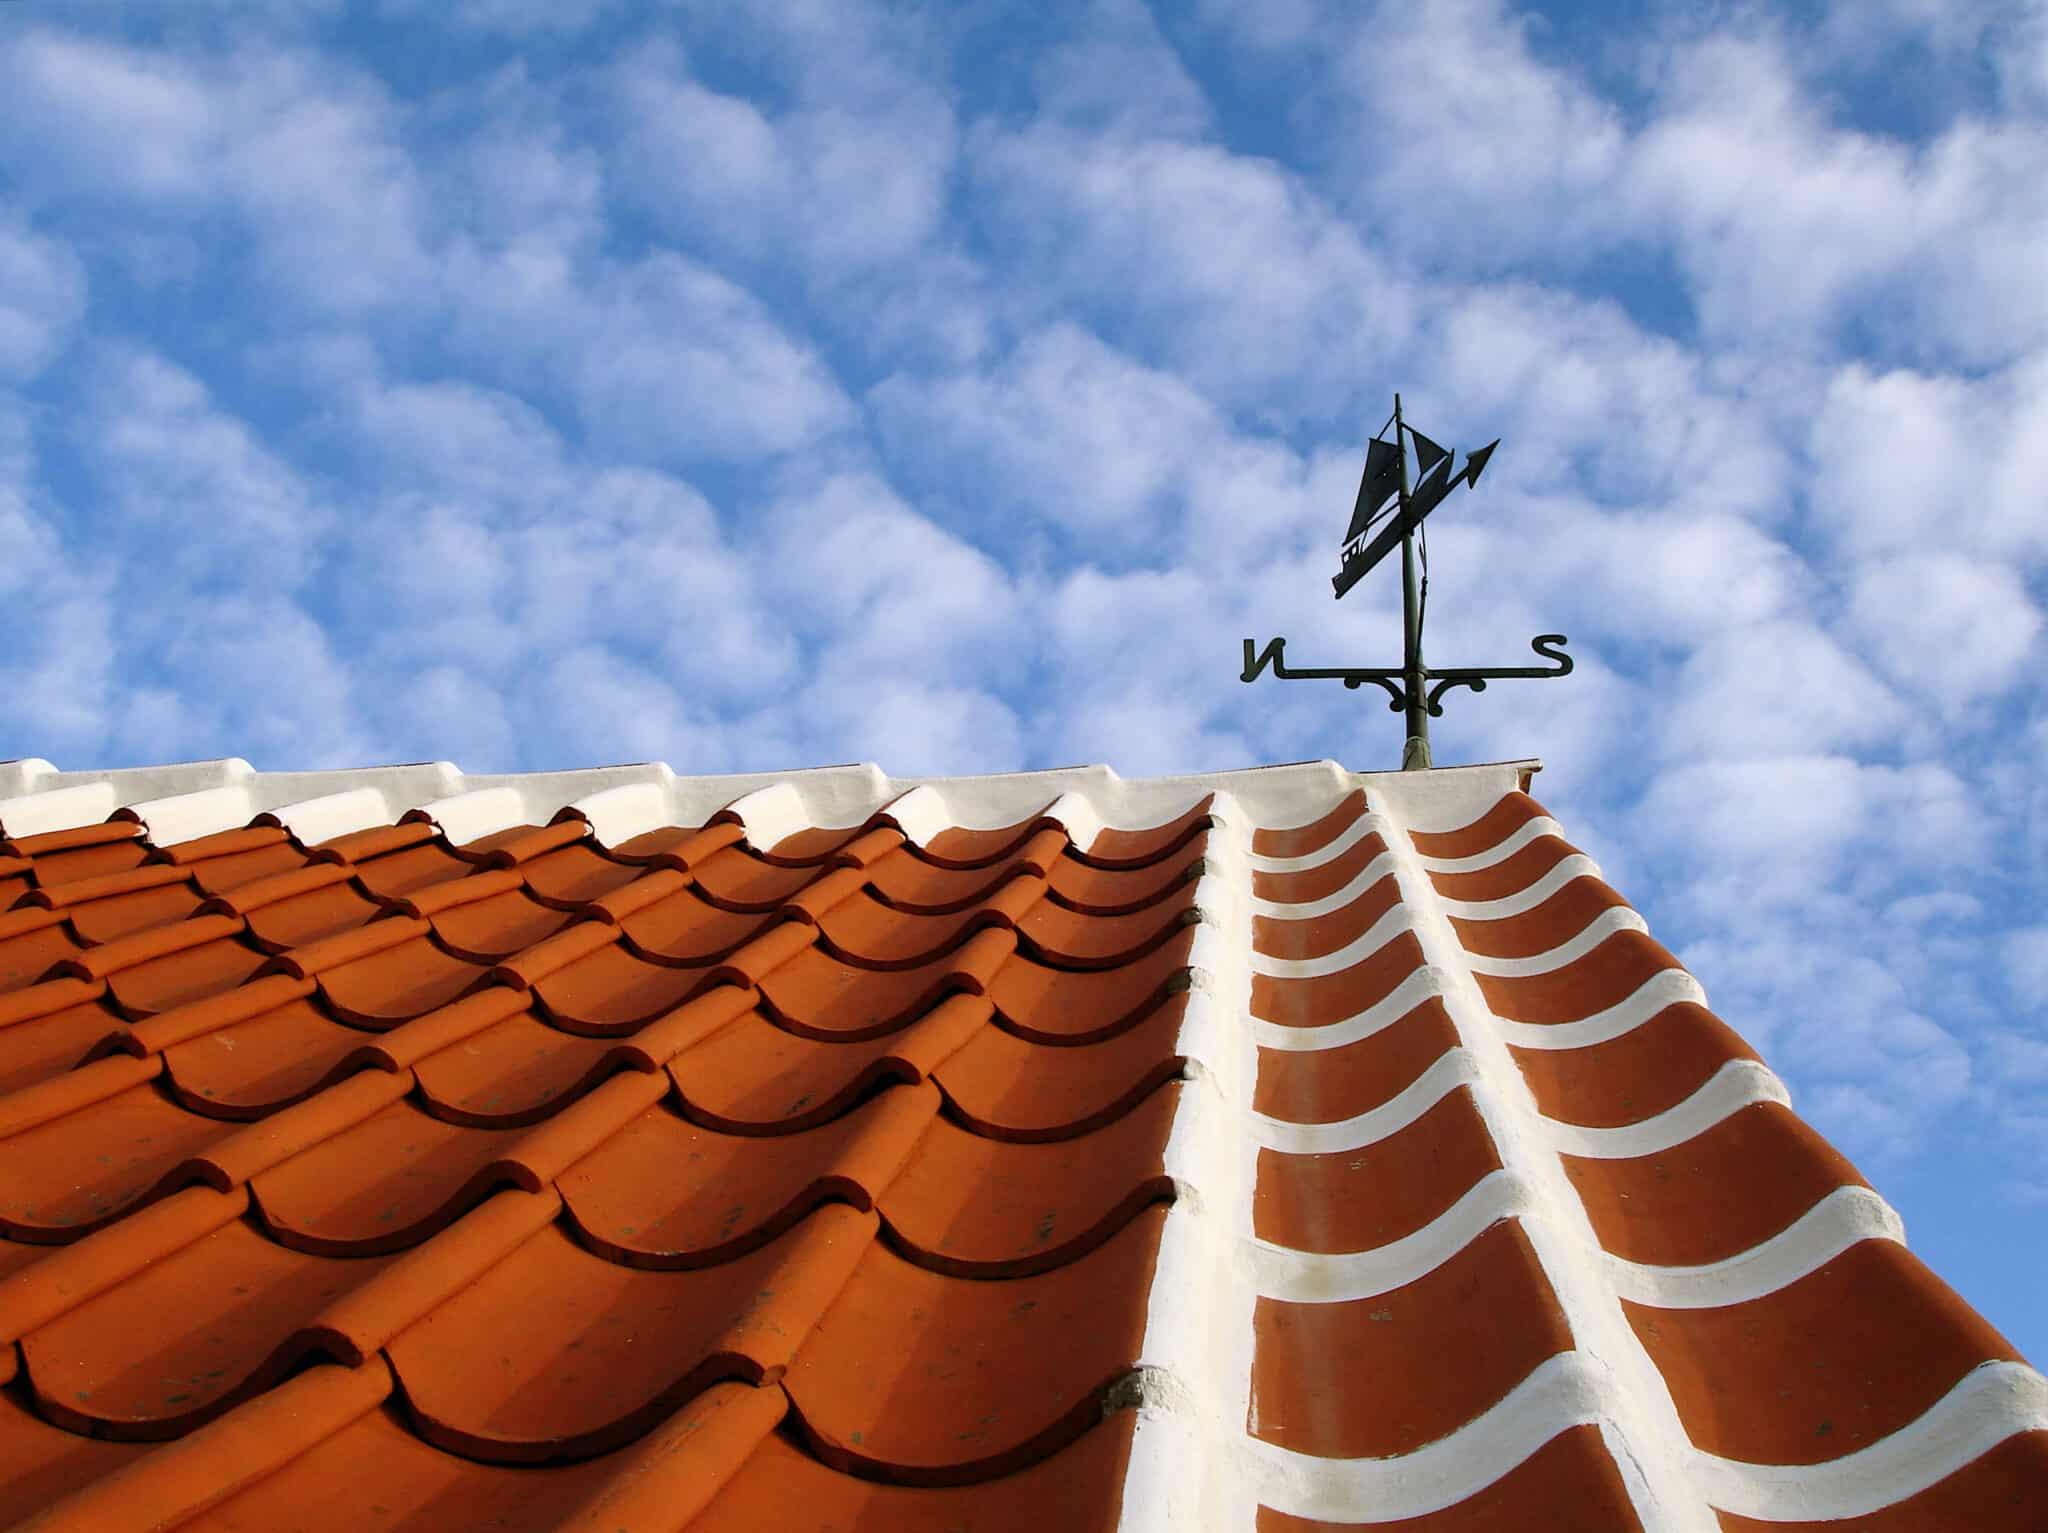 dach na podlasiu